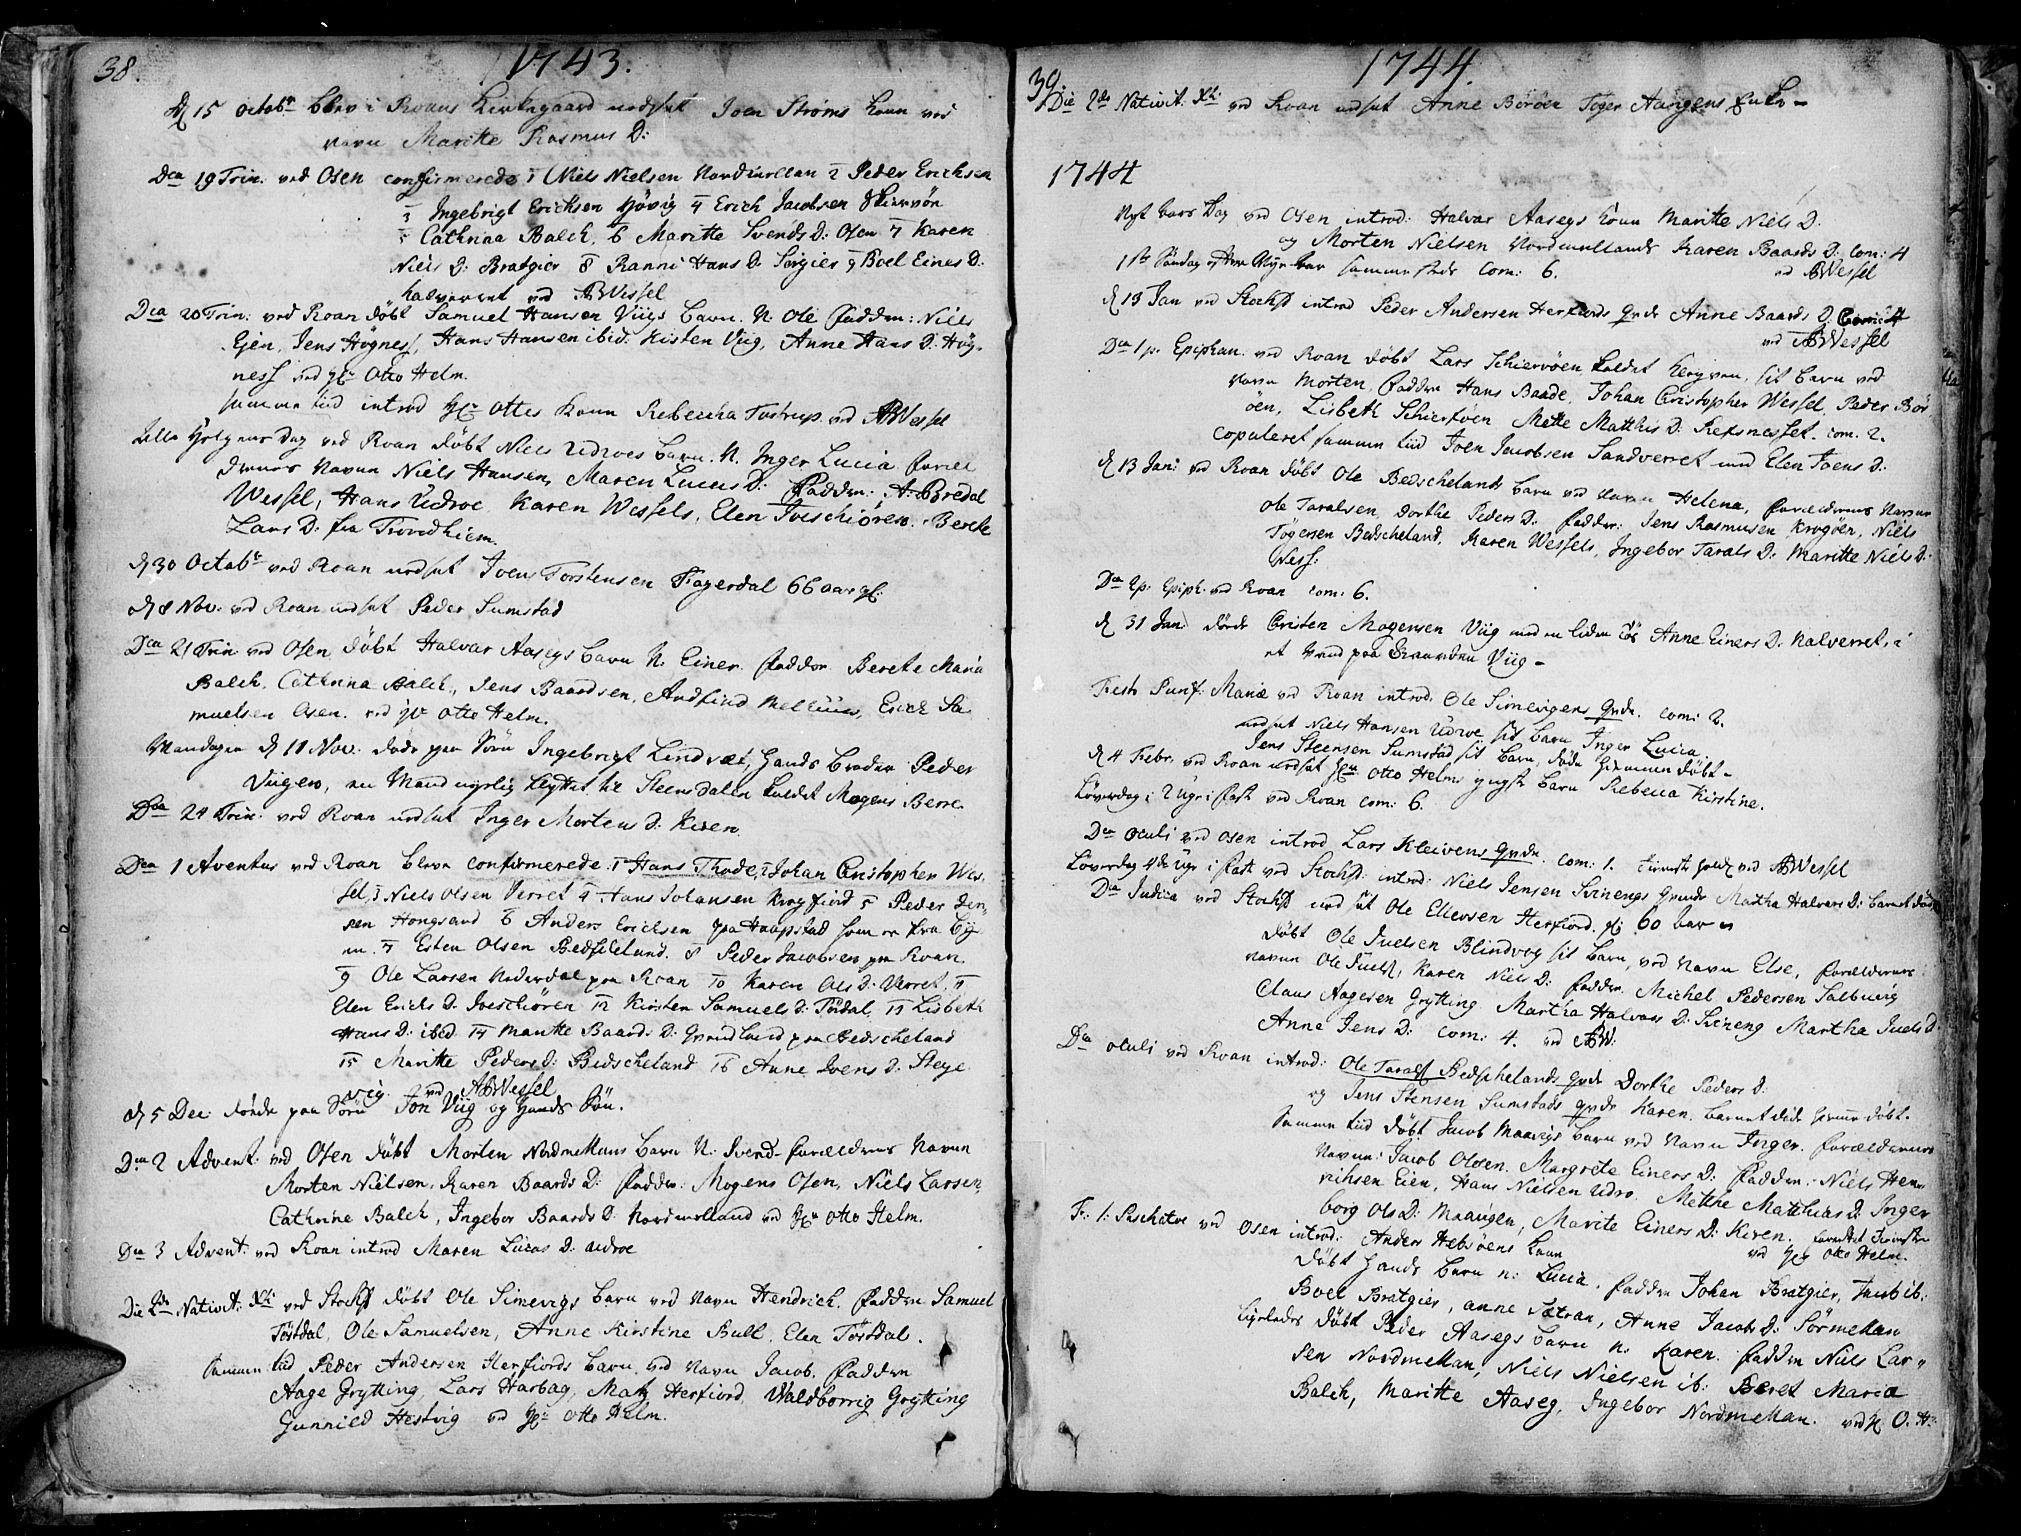 SAT, Ministerialprotokoller, klokkerbøker og fødselsregistre - Sør-Trøndelag, 657/L0700: Ministerialbok nr. 657A01, 1732-1801, s. 38-39